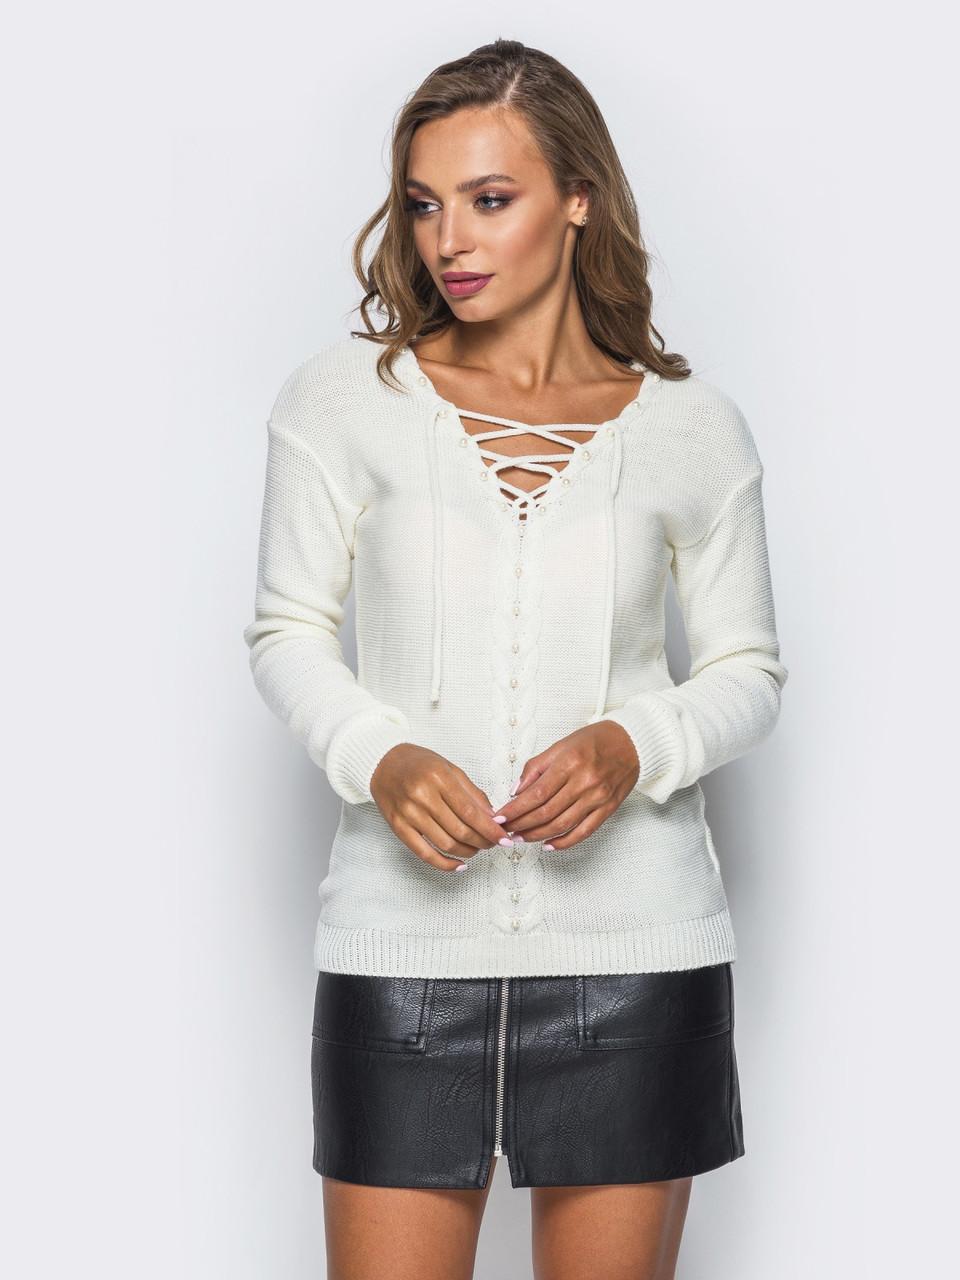 Модный женский свитер с жемчугом и шнуровкой Белый 42-44 размеры